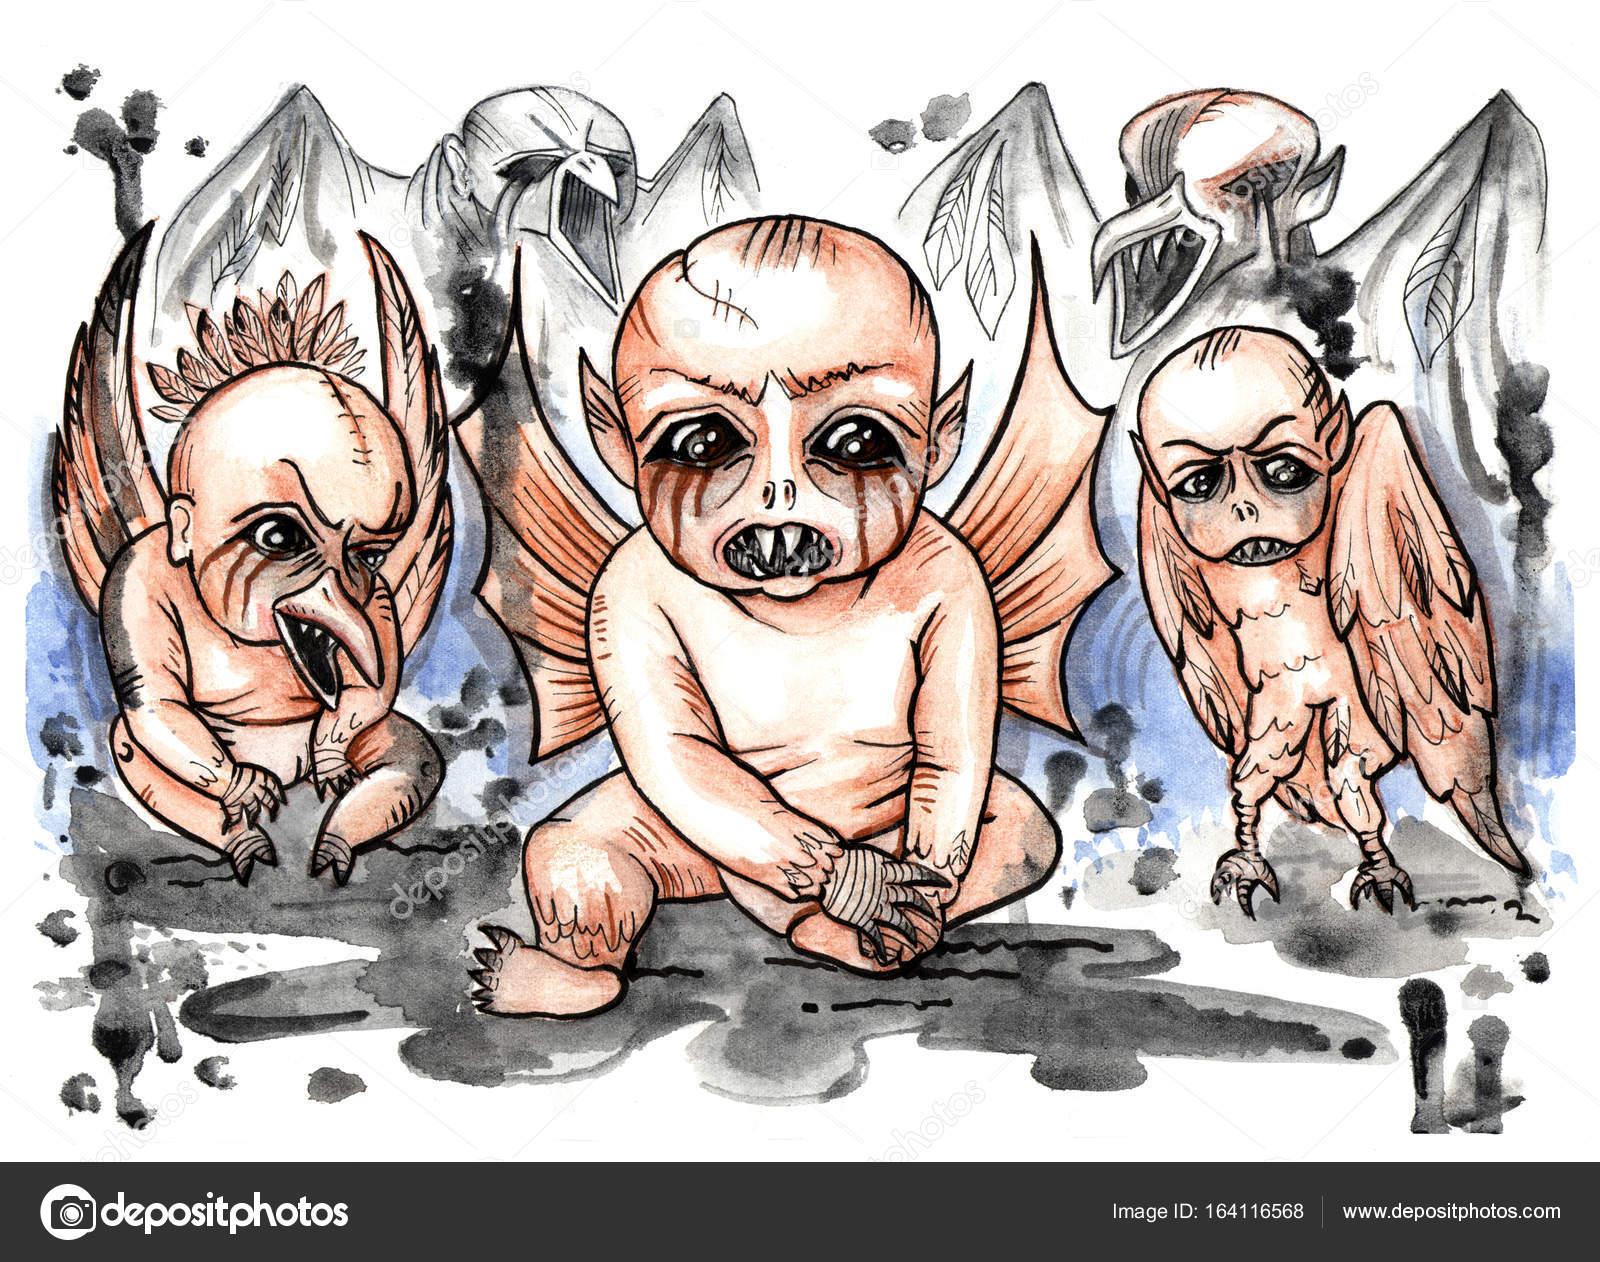 Секс с демонами в иллюстрациях